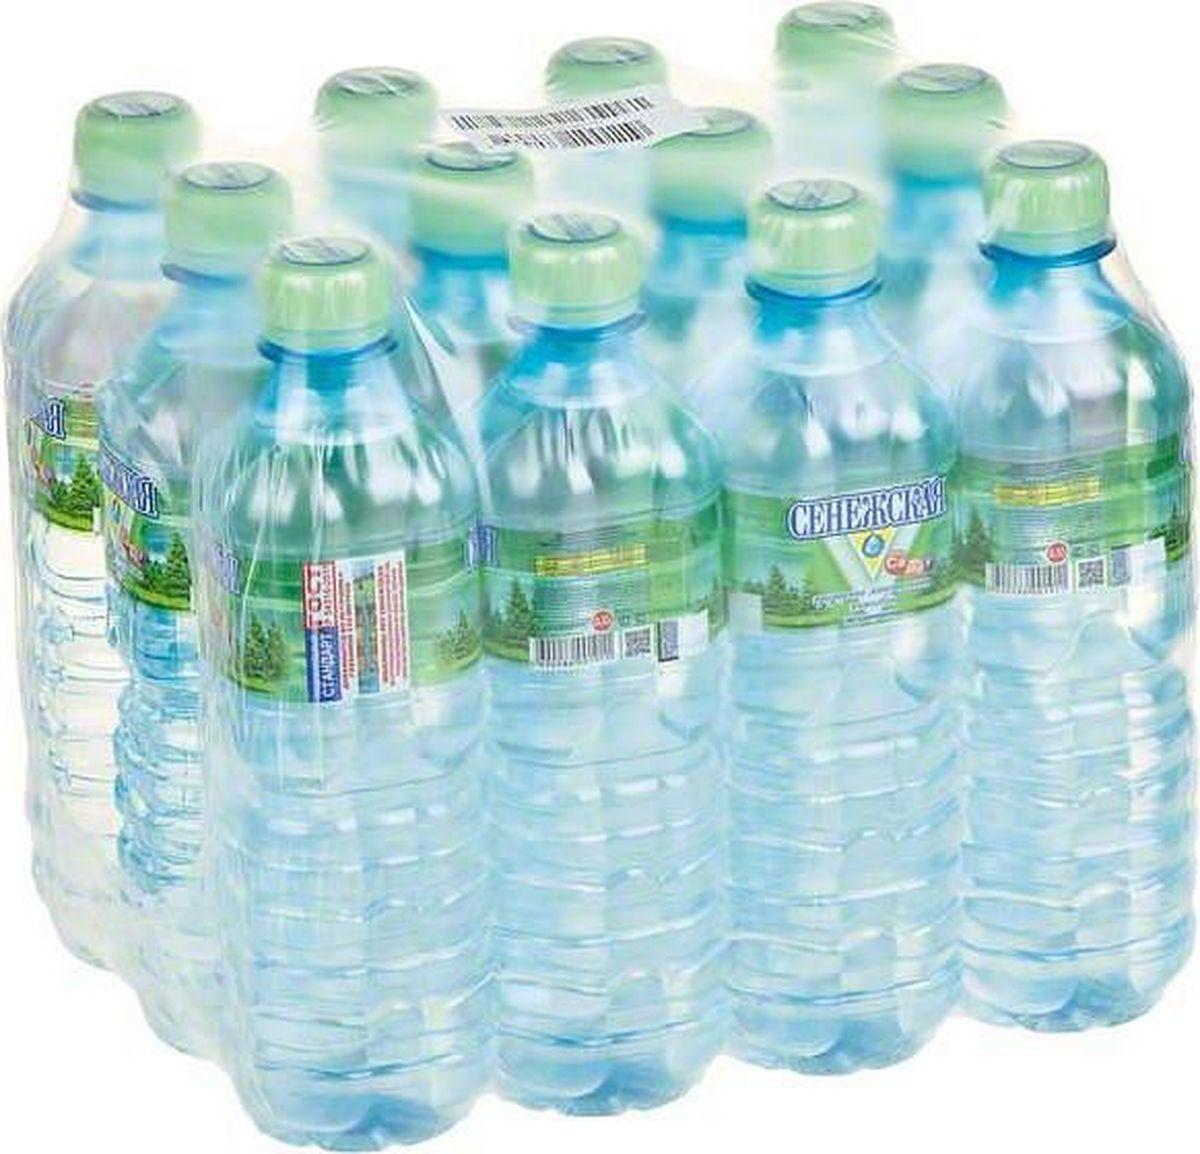 Сенежская Вода негазированная, 12 шт по 0,5 л сенежская вода малютка 5 л